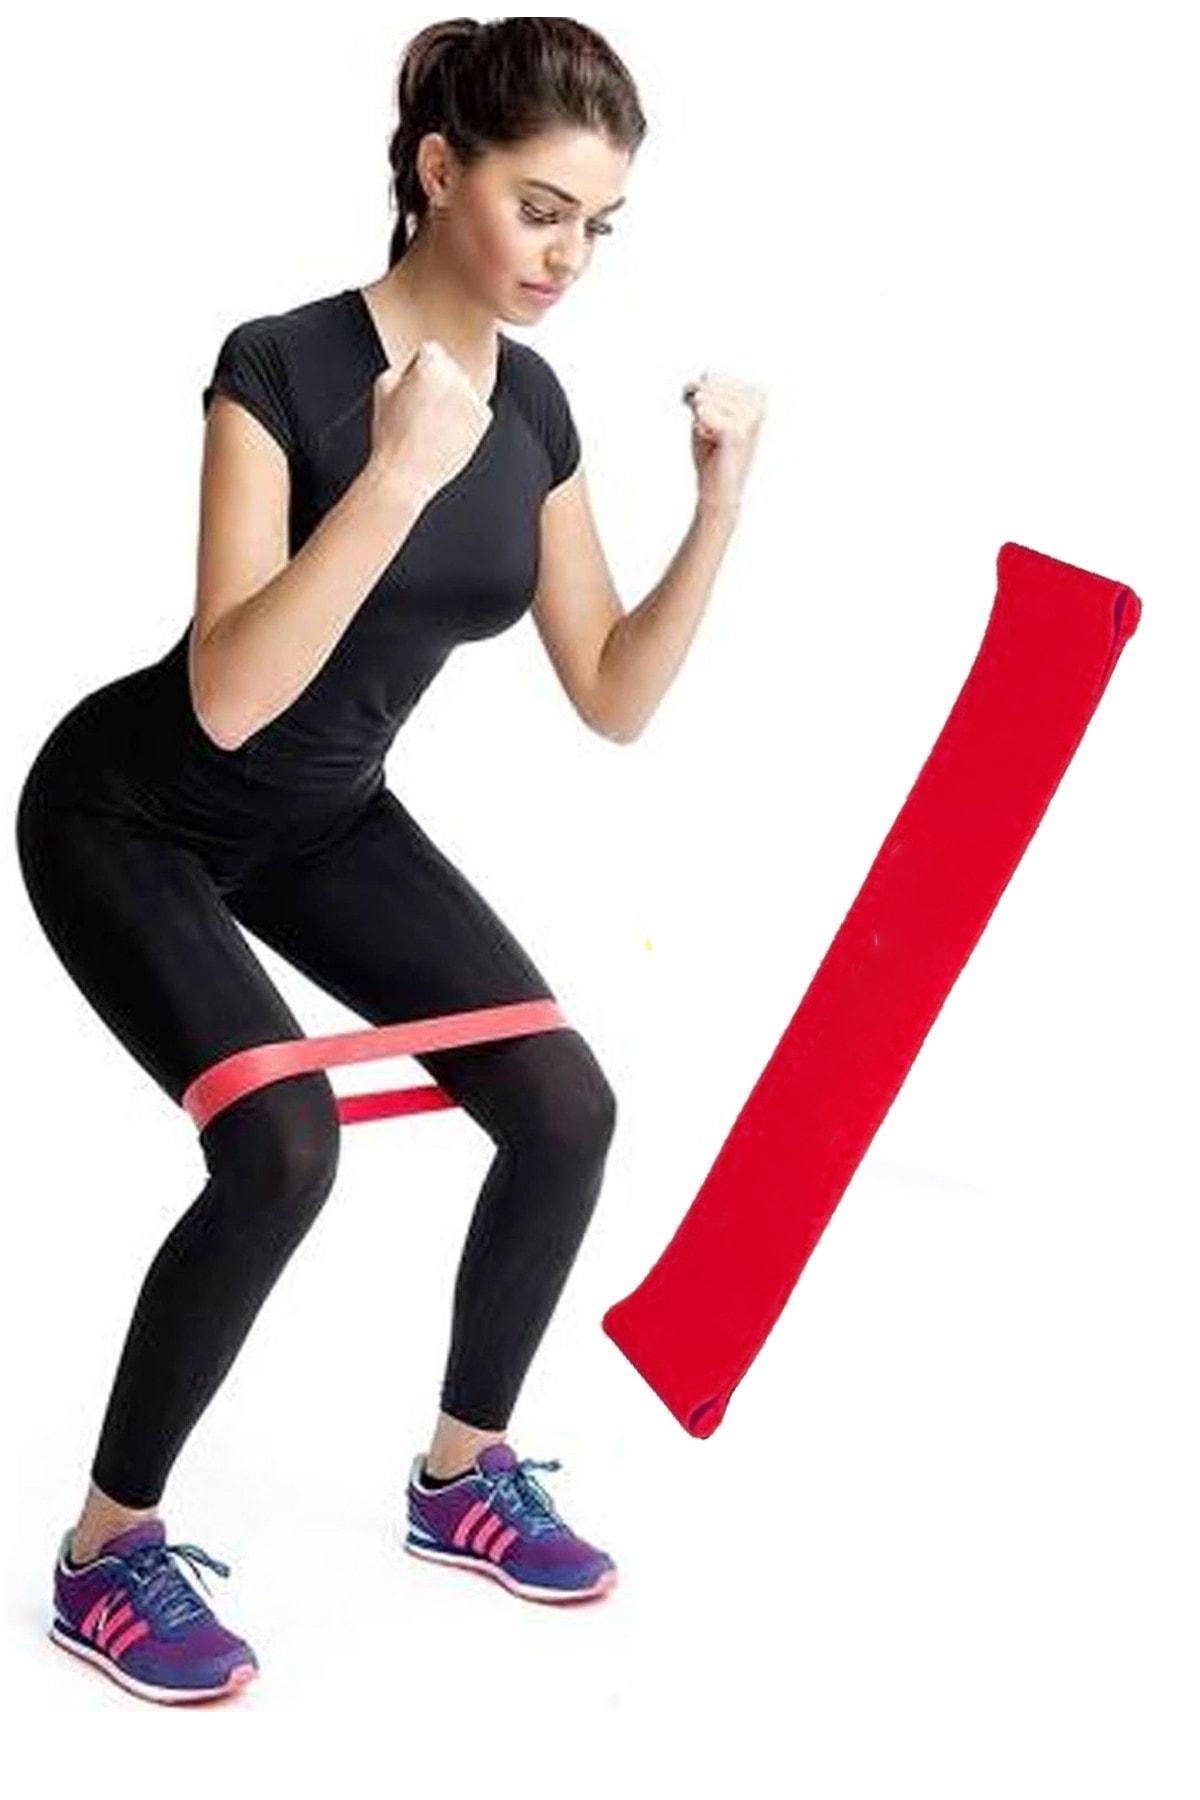 Jet Aerobik Band Pilates Plates Yoga Fitness Squat Çalışma Lastiği Latex Egzersiz Kırmızı